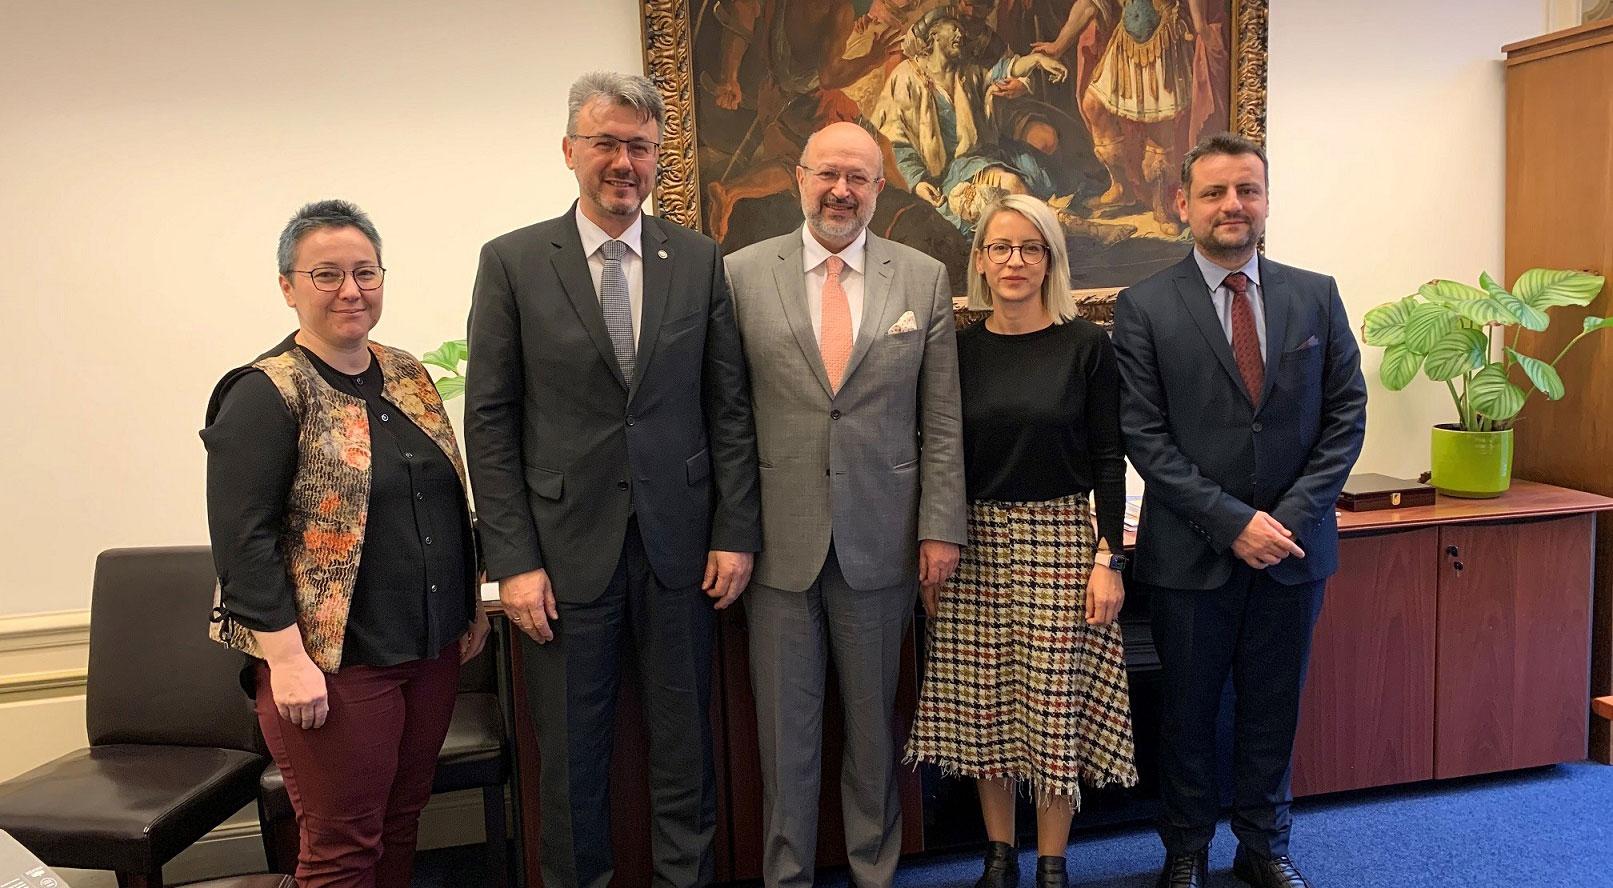 H Αντιπροσωπεία των Τούρκων της Δυτικής Θράκης πραγματοποίησε συνάντηση με τον Ύπατο Αρμοστή του ΟΑΣΕ για τις εθνικές μειονότητες